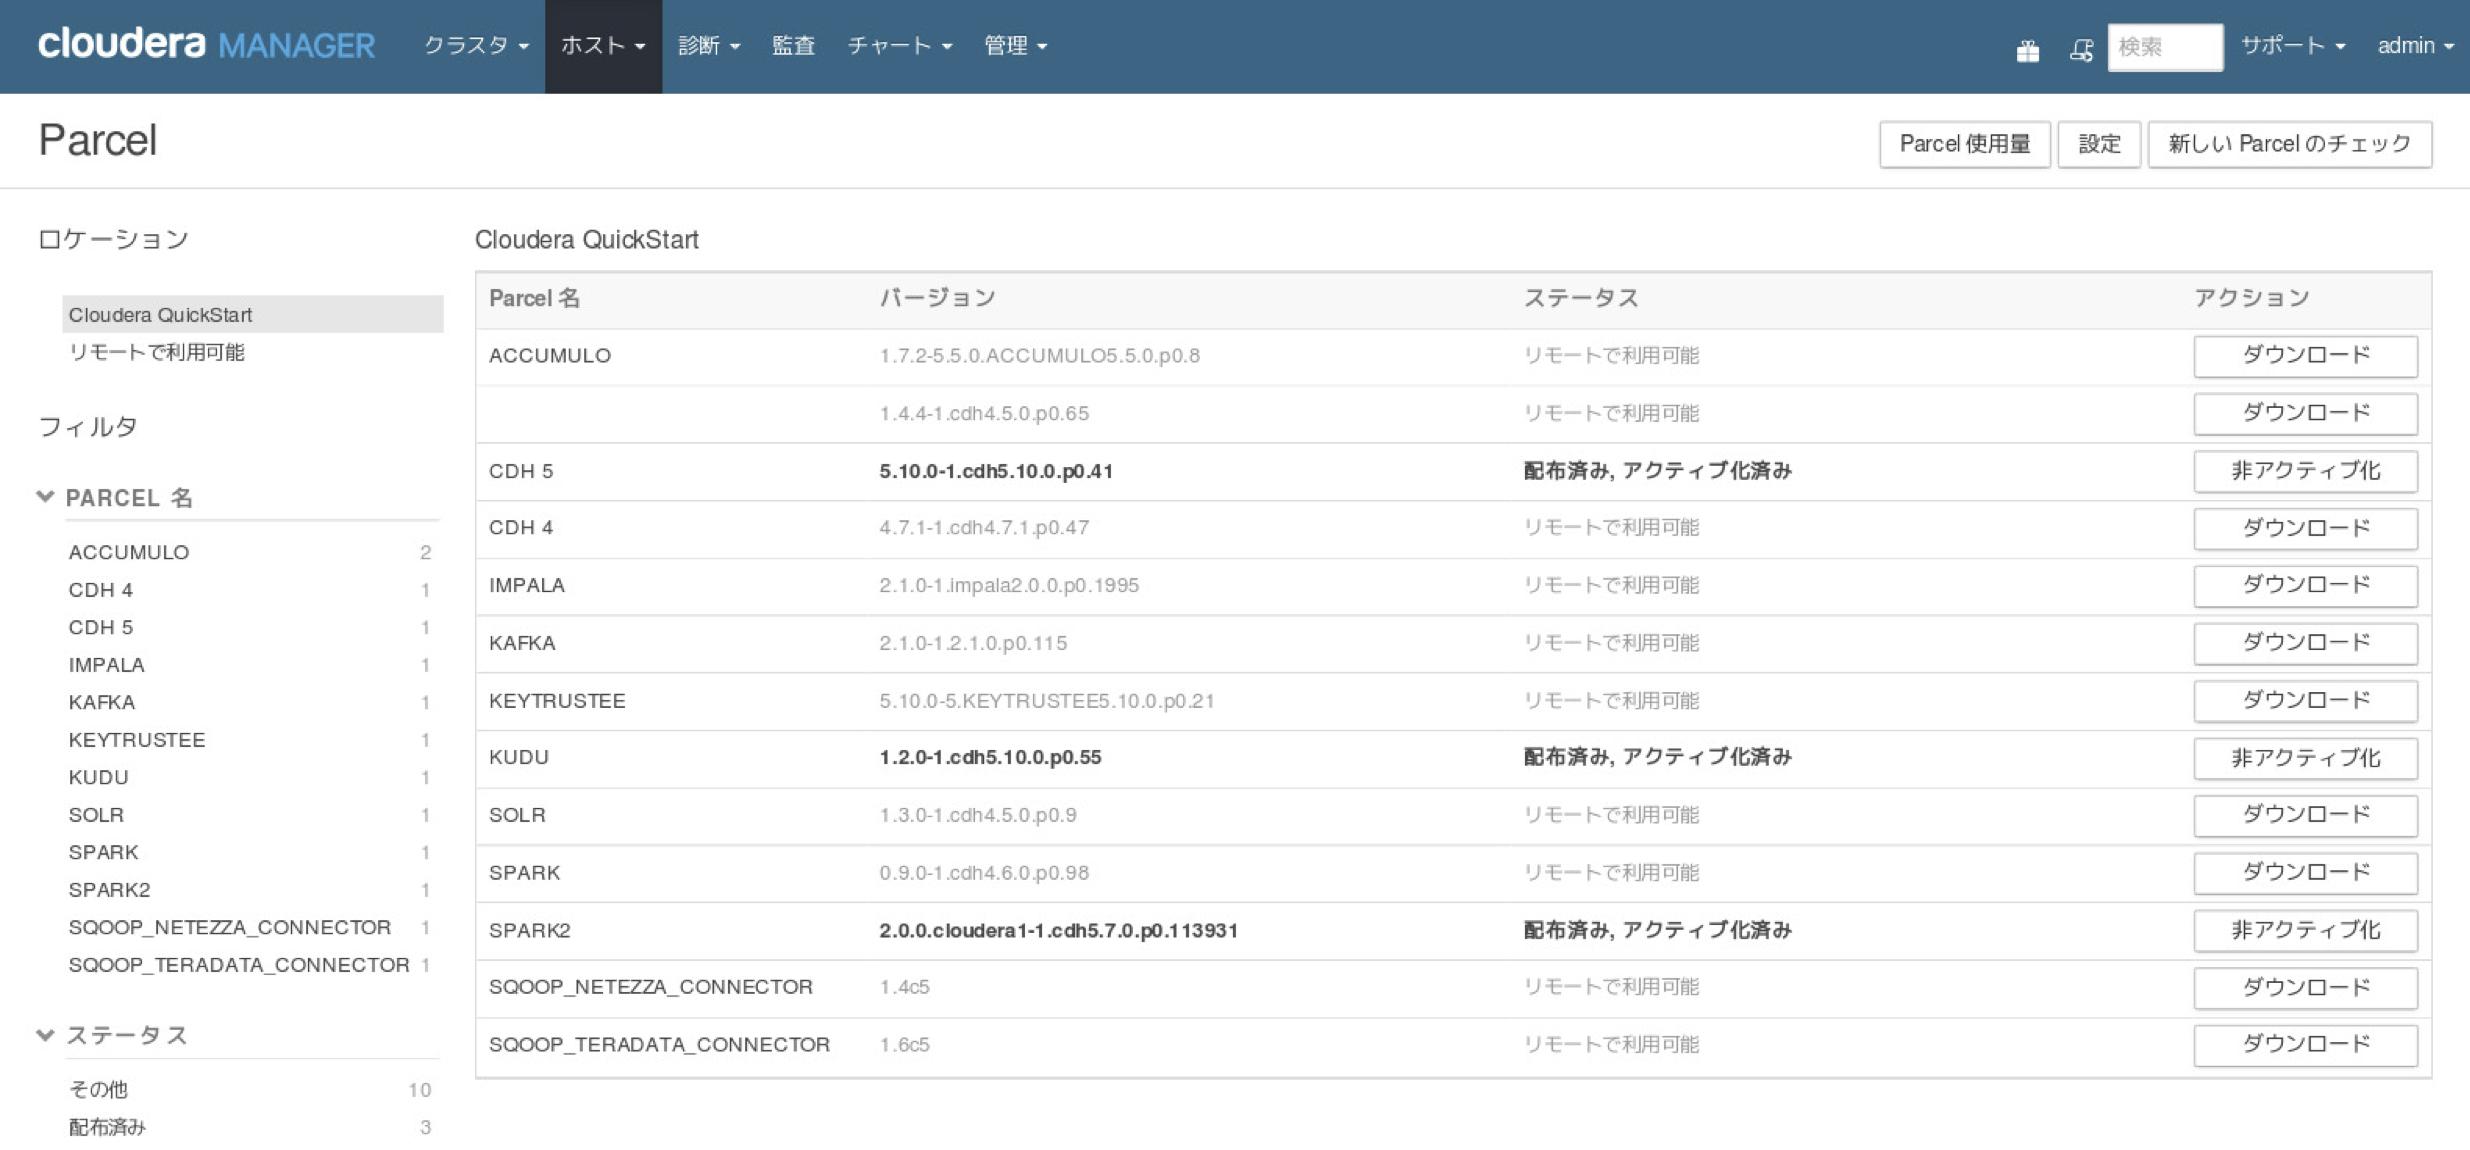 FireShot Capture 021 - Parcel - Cloud__ - http___quickstart.cloudera_7180_cm.png